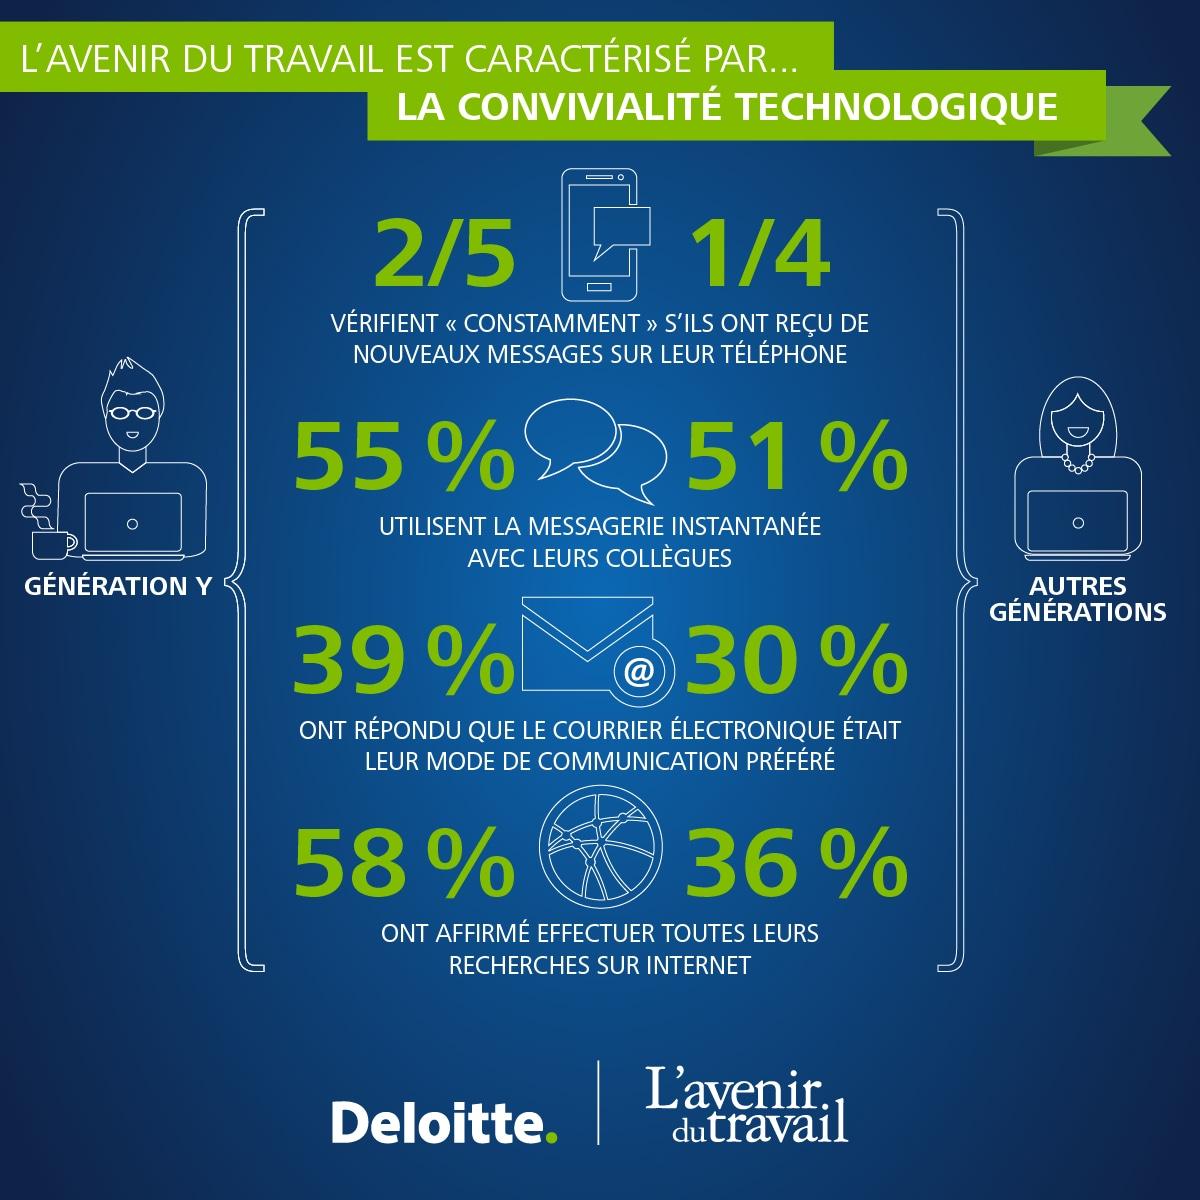 L'avenir du travail est caractérisé par... la convivialité technologique